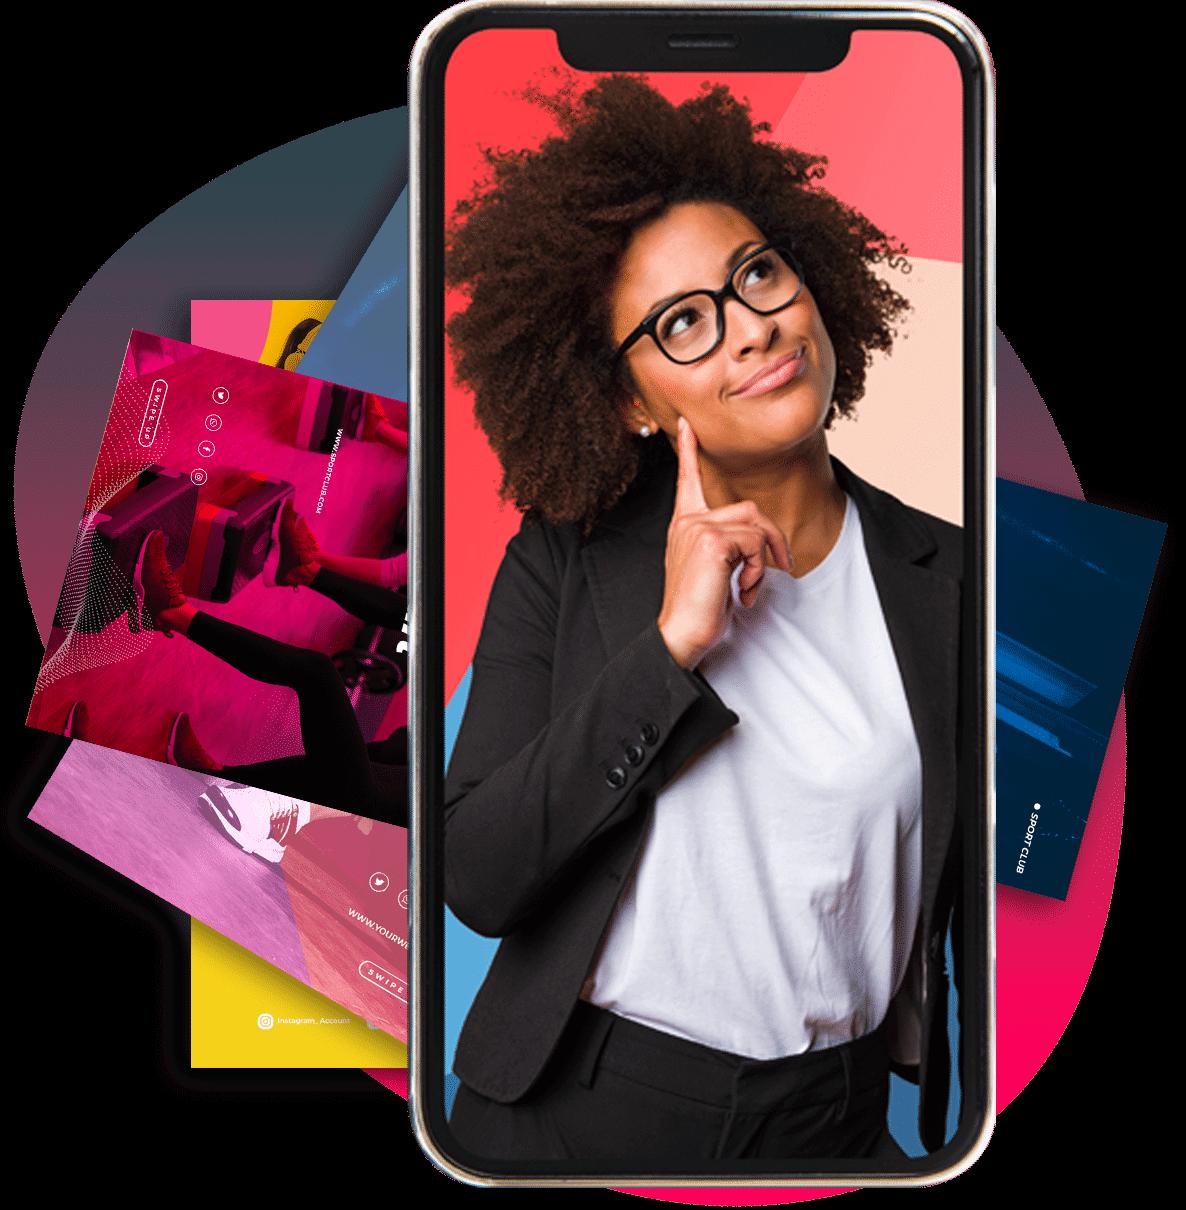 femme qui sourit dans un téléphone mobile visuels application mobile chez Mypaprod